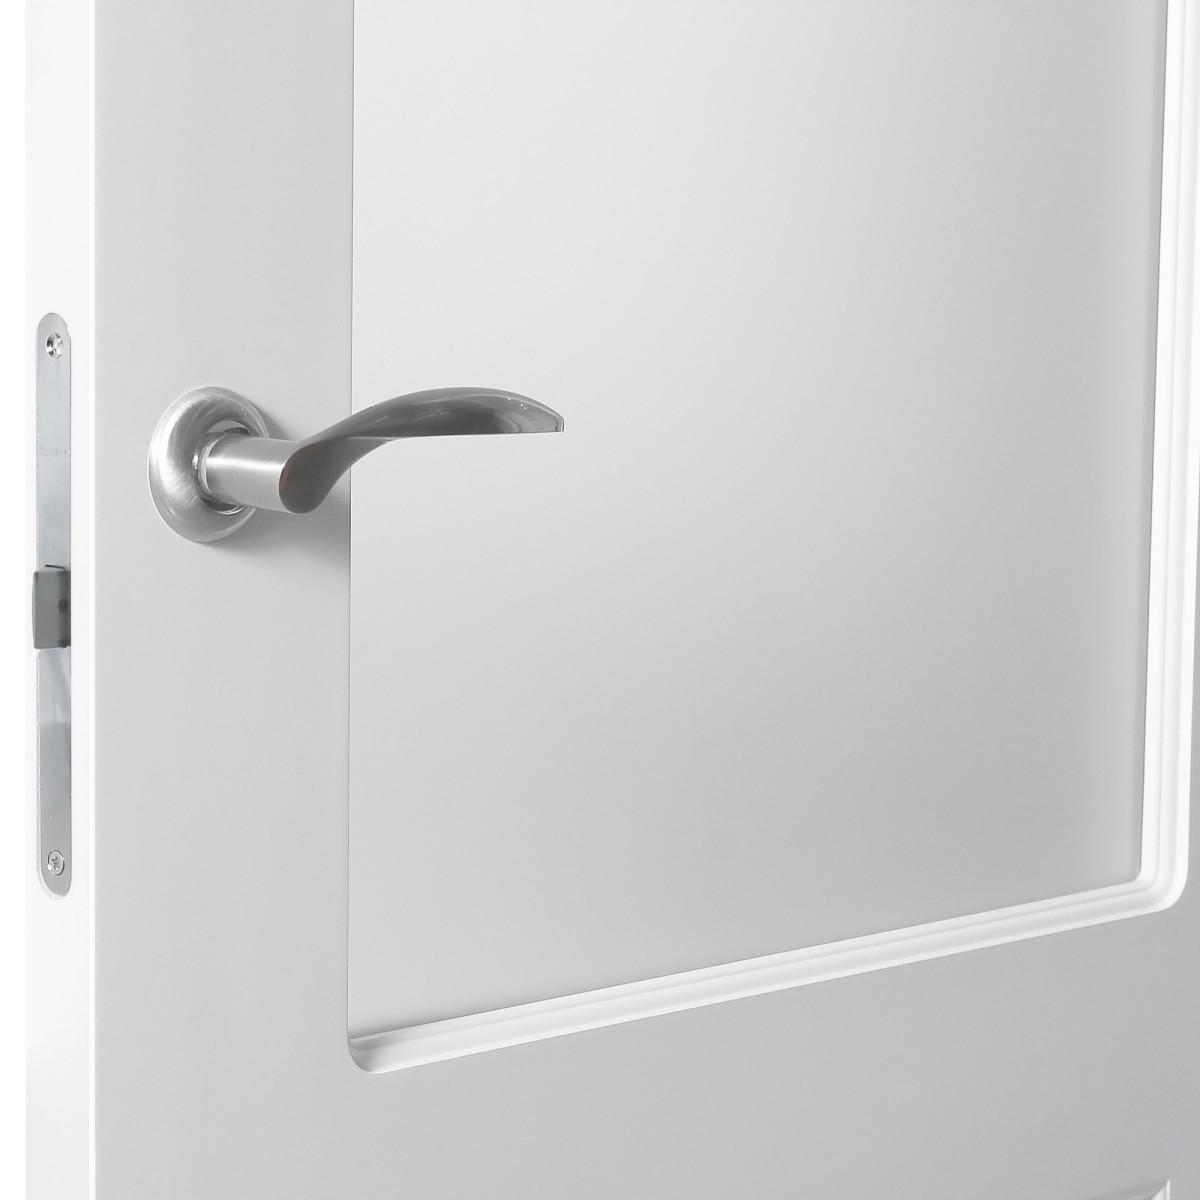 Дверь Межкомнатная Остеклённая Австралия 60x200 Цвет Белый